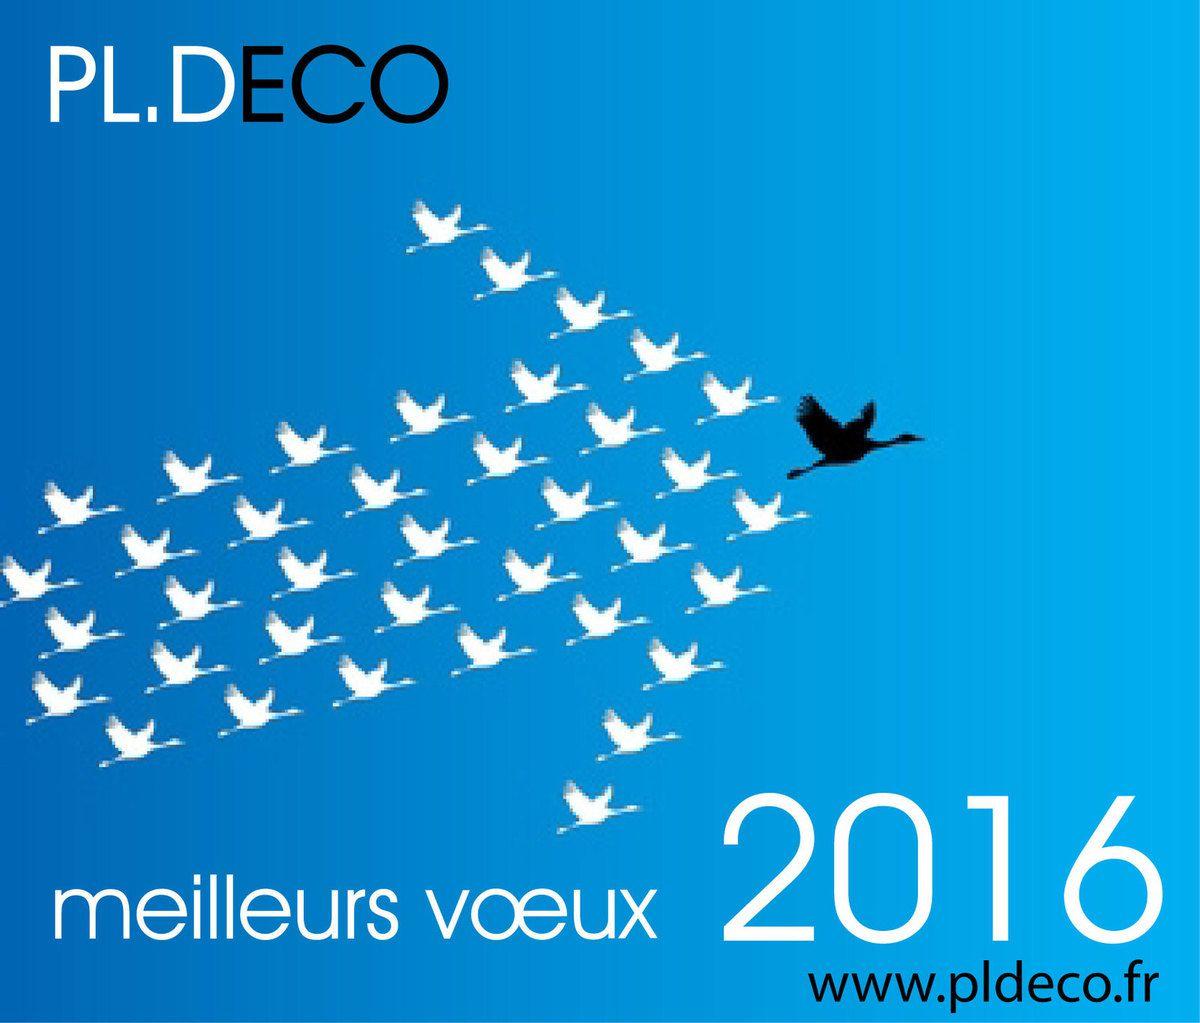 L'atelier PL DECO vous présente ses meilleurs voeux et vous remercie pour votre fidélité et votre soutien.